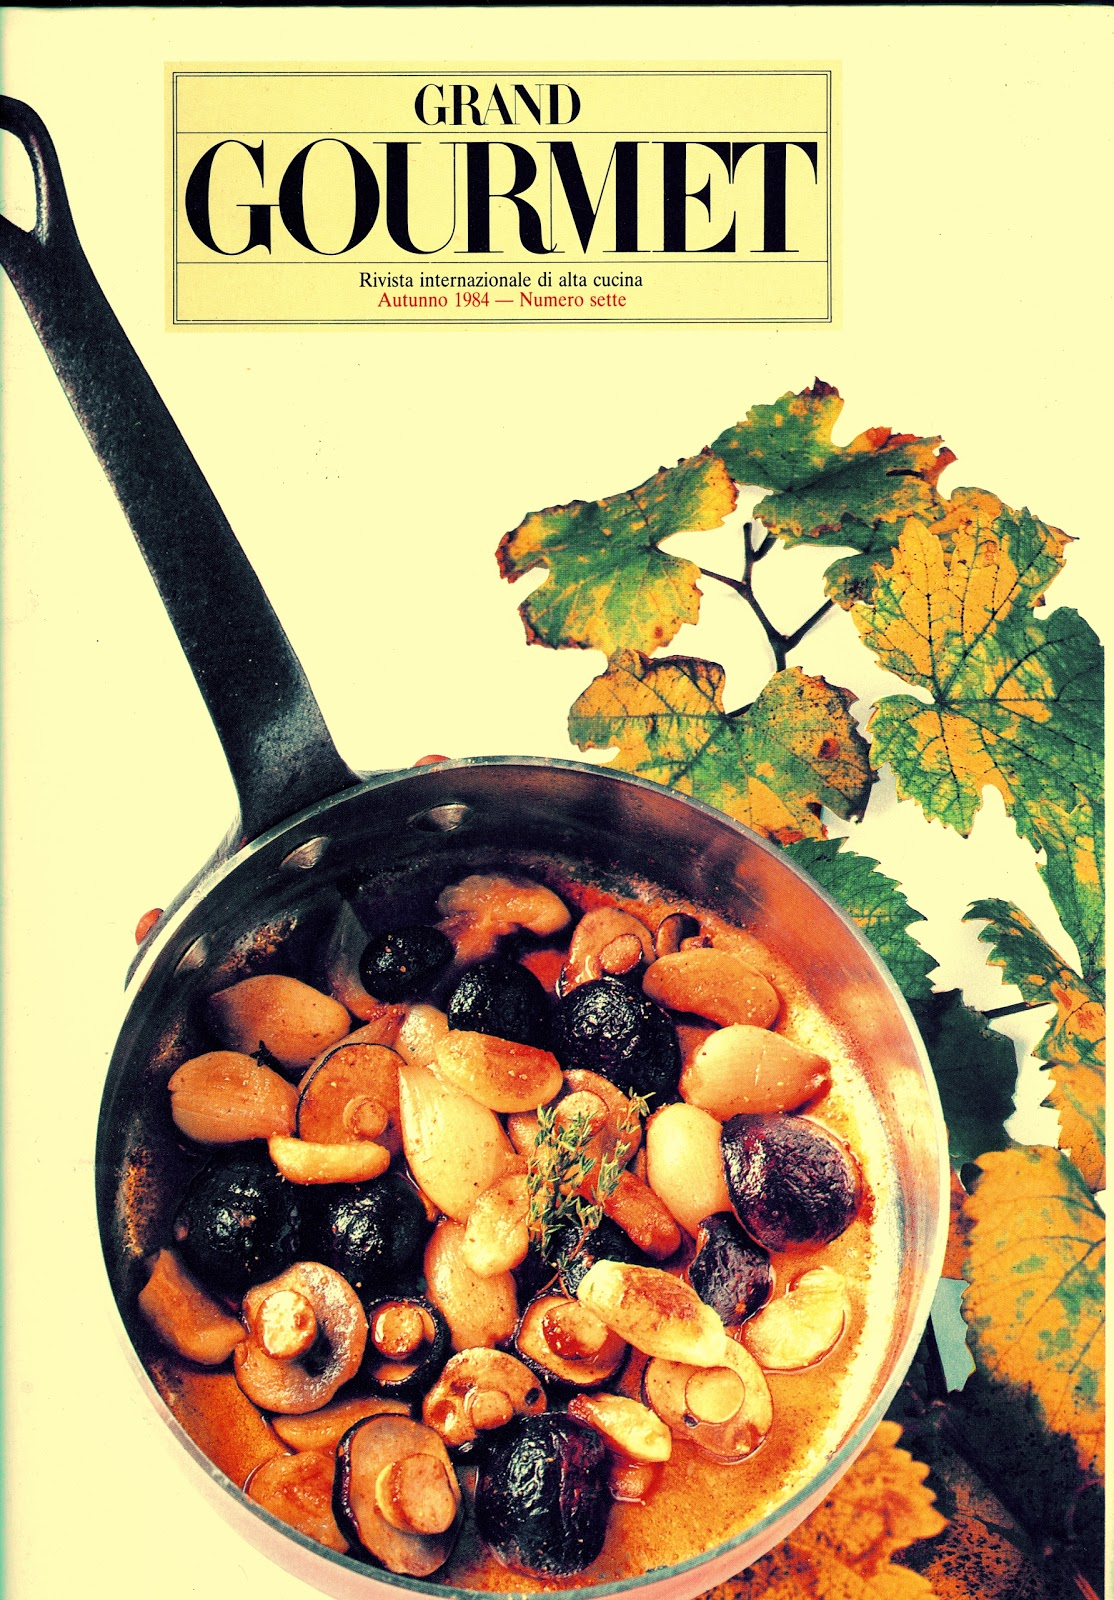 grand gourmet rivista internazionale di alta cucina 1984 8000 versione rilegata 12000 in libreria